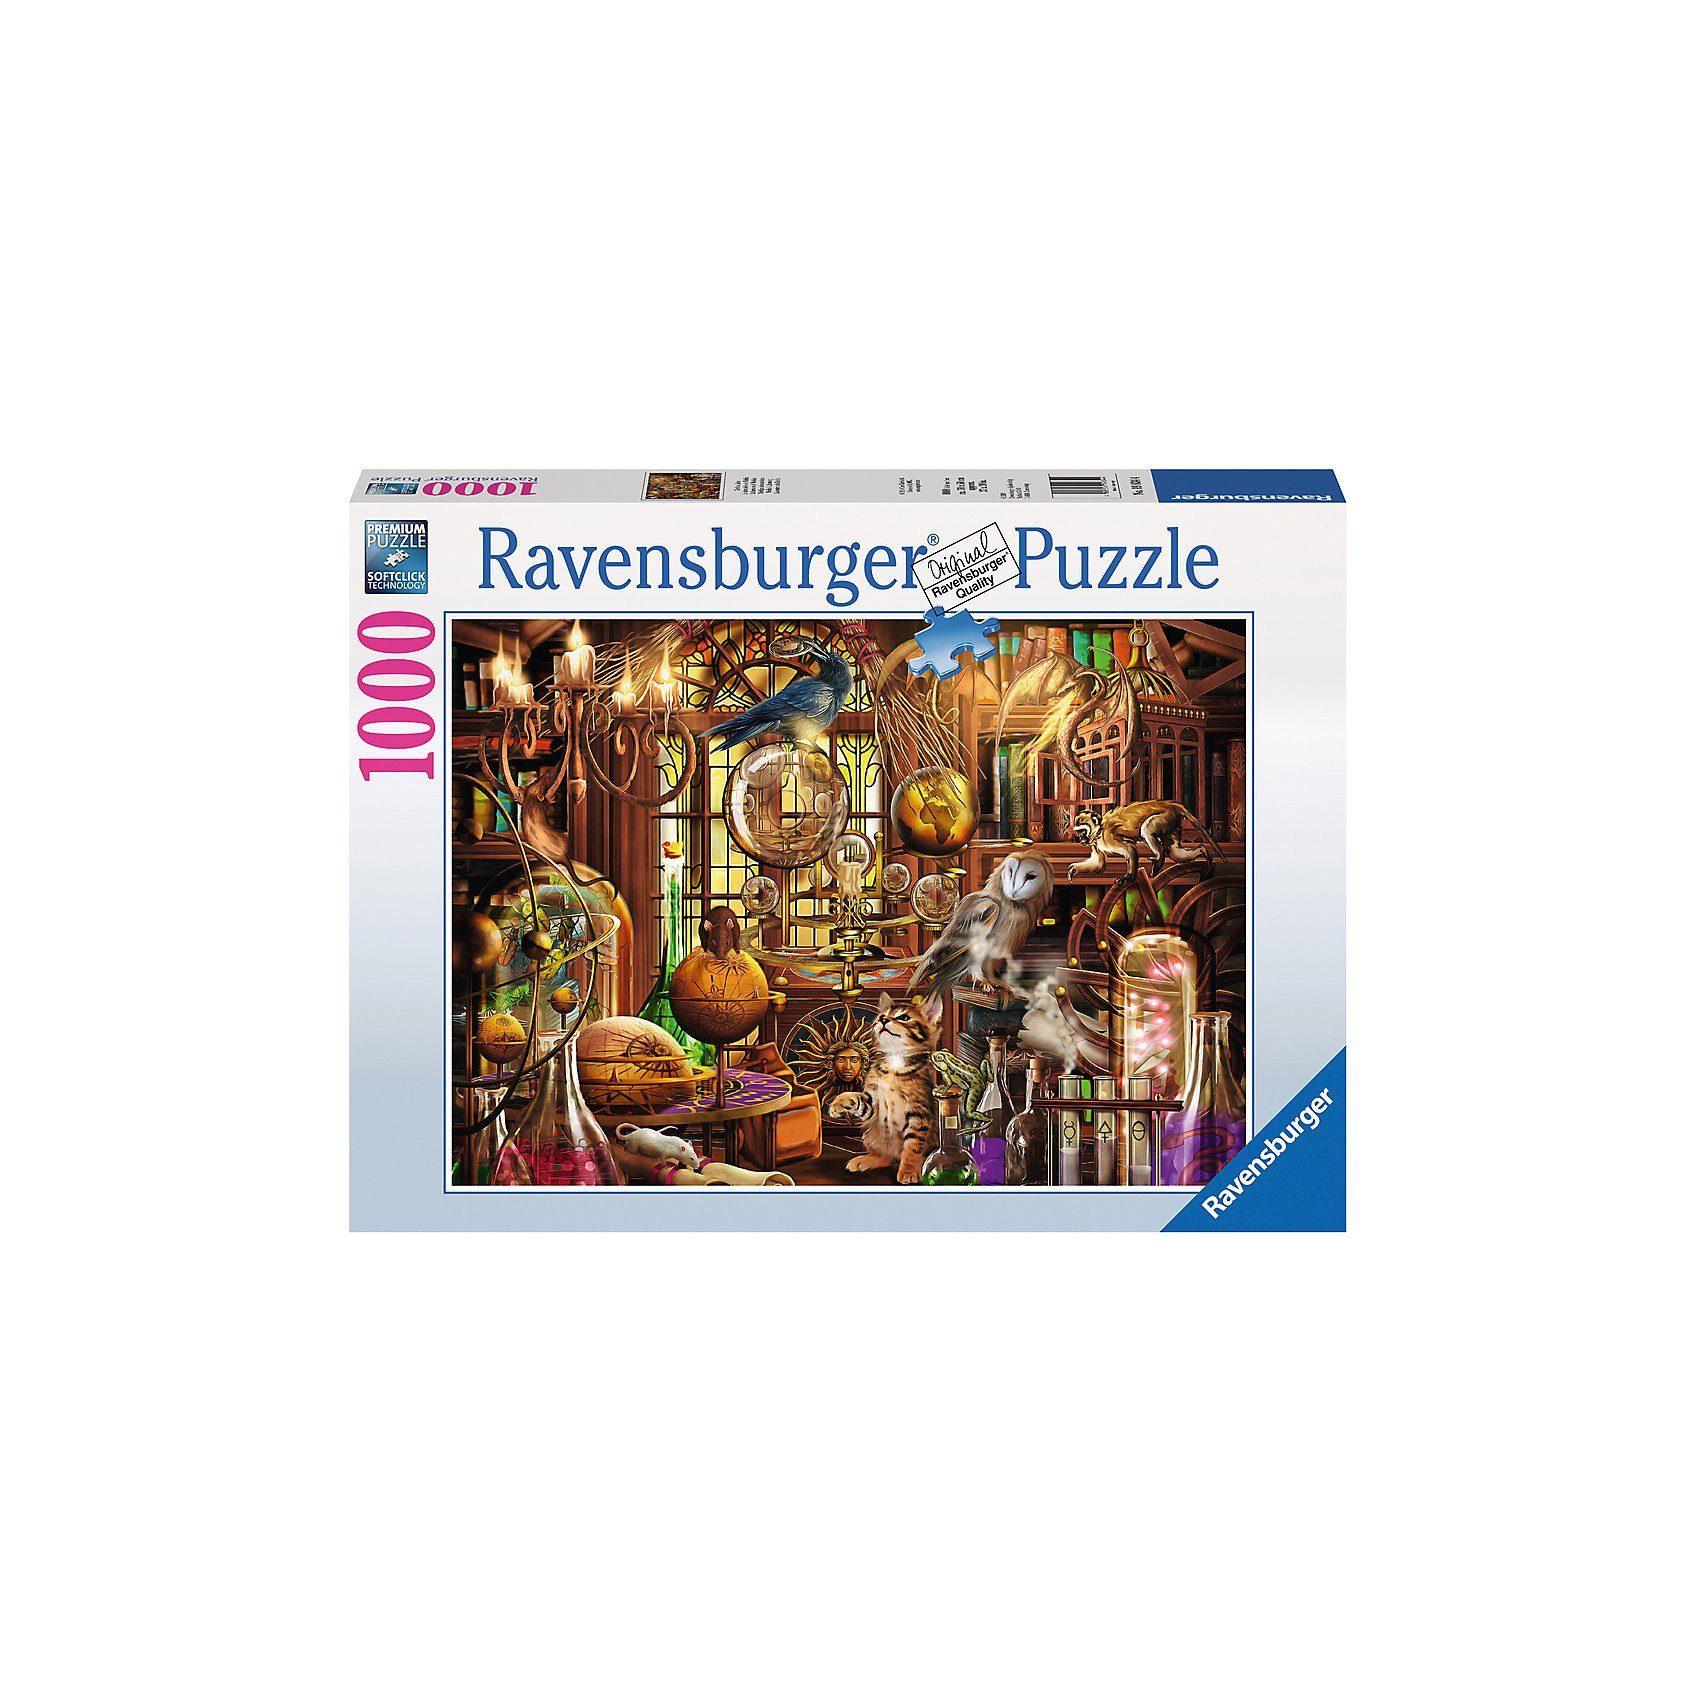 Ravensburger Puzzle 1000 Teile, 70x50 cm, Merlins Labor